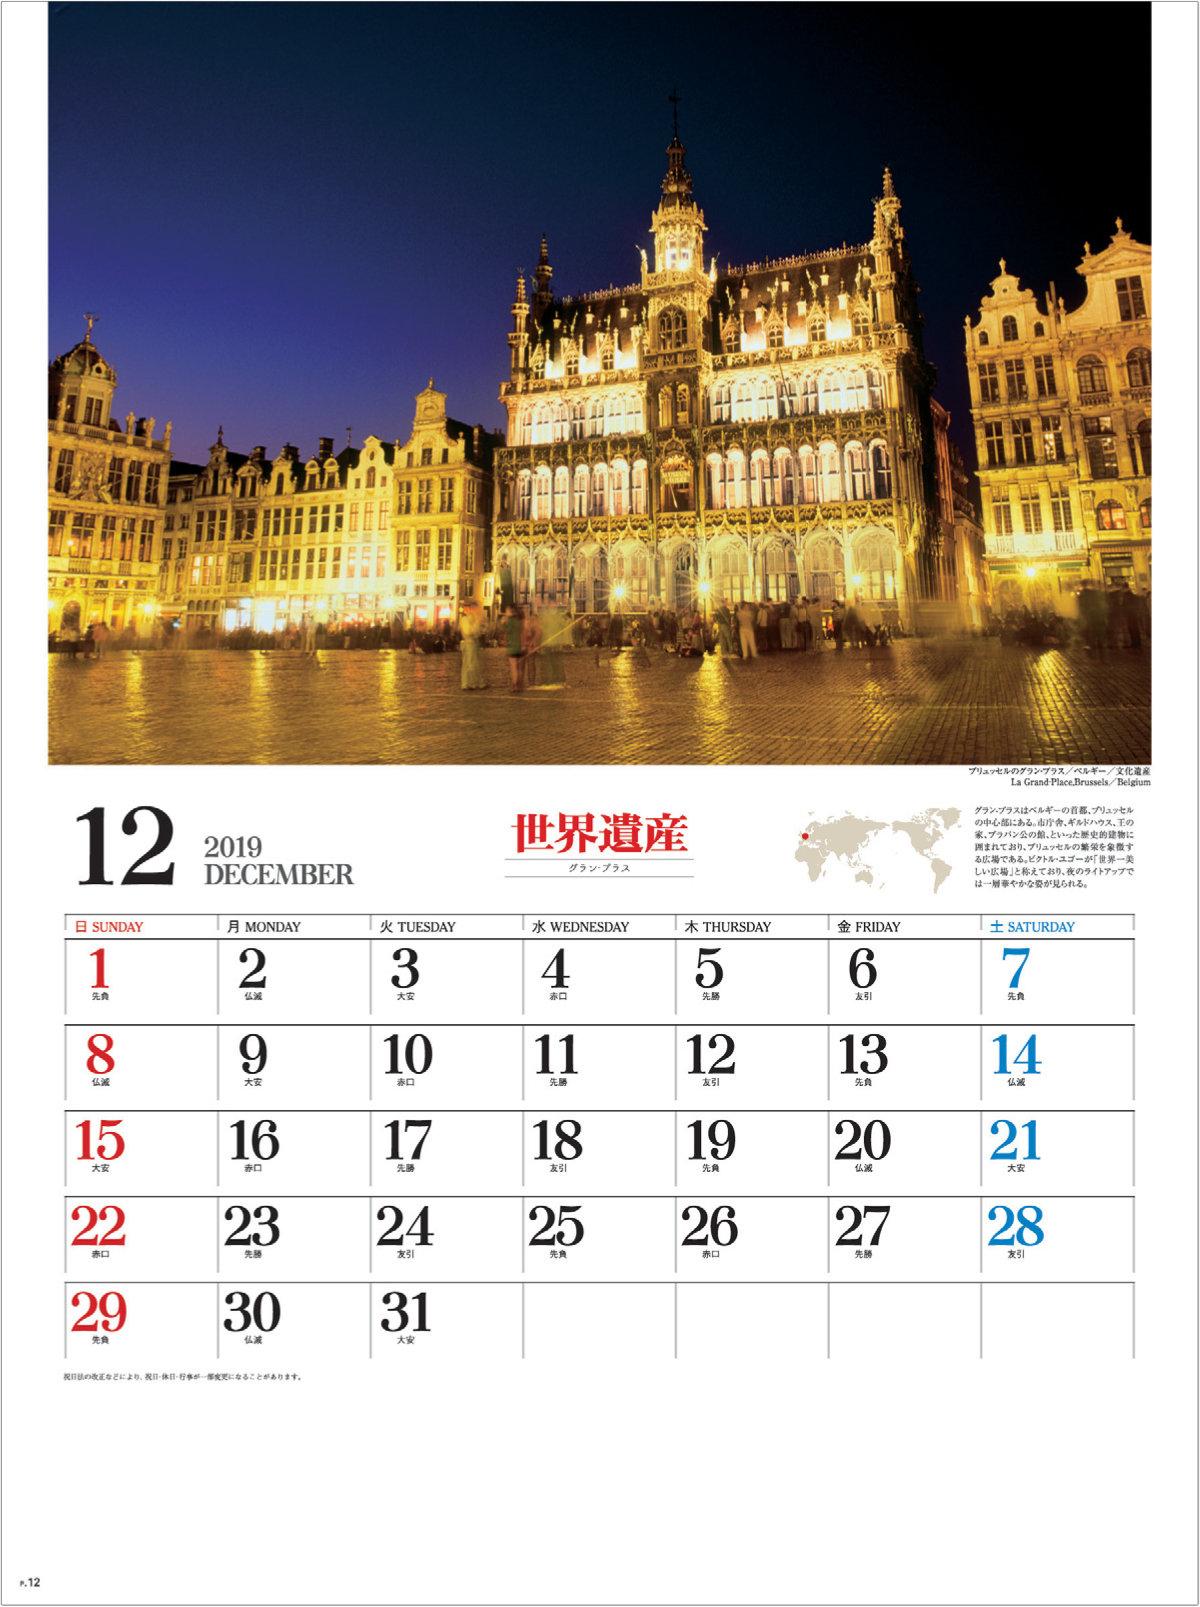 ベルギーのライトアップされたグラン・プラス大広場 ユネスコ世界遺産 2019年カレンダーの画像